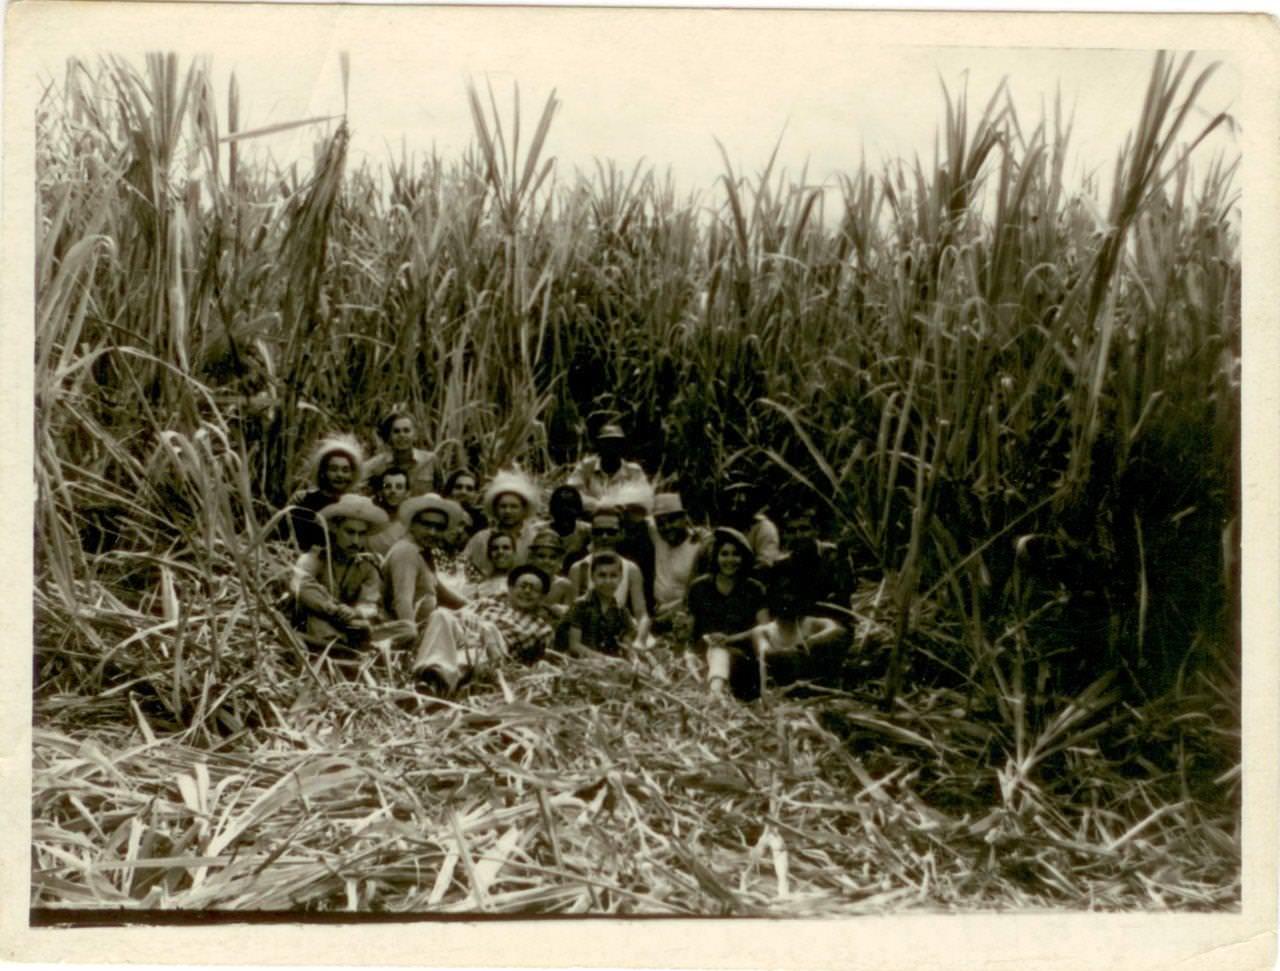 06. Советские специалисты и кубинцы на плантации сахарного тростника. Республика Куба, г. Гавана. 1961 г.